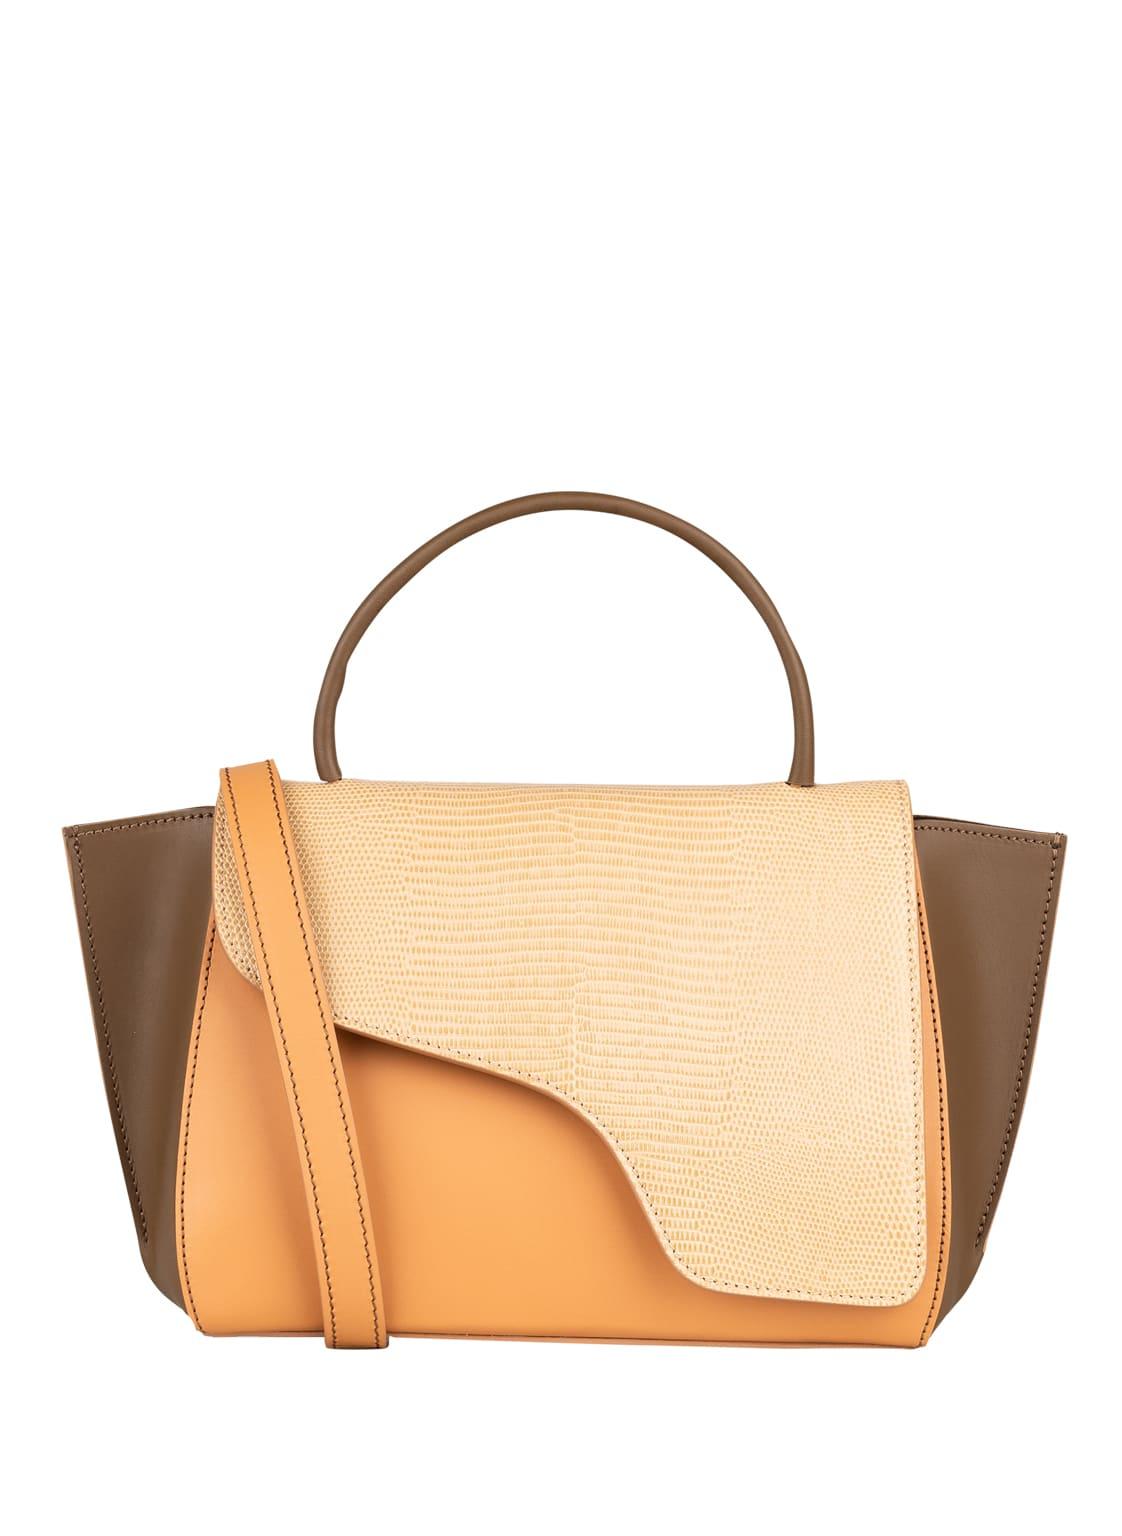 Image of Atp Atelier Handtasche Arezzo beige